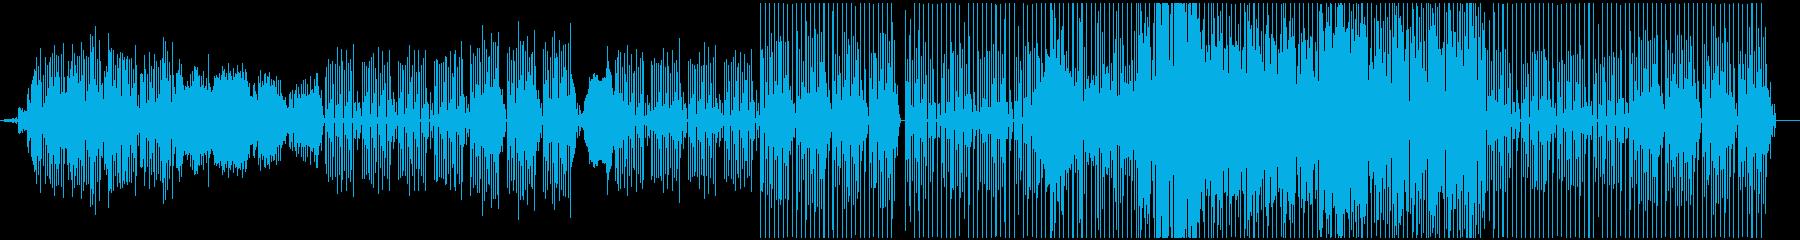 かわいい コミカル マニアックの再生済みの波形